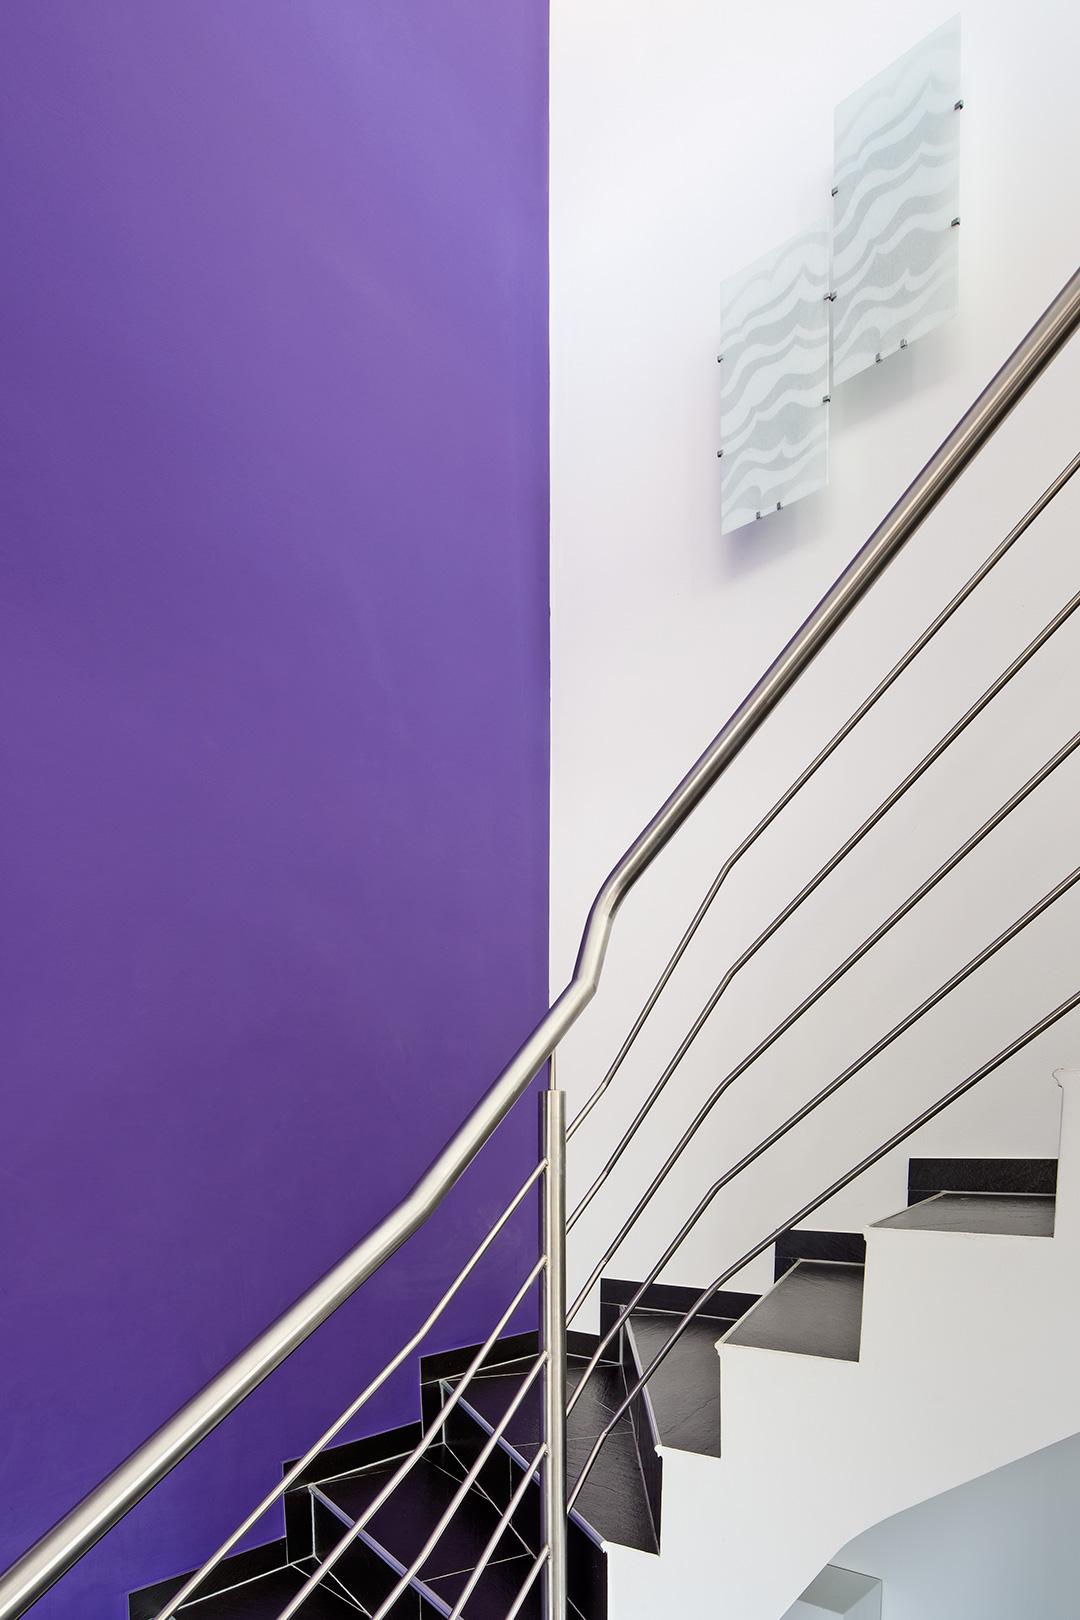 Architekturfotografie, Innenarchitektur: Treppengeländer | Foto: Dieter Eikenberg, imprints